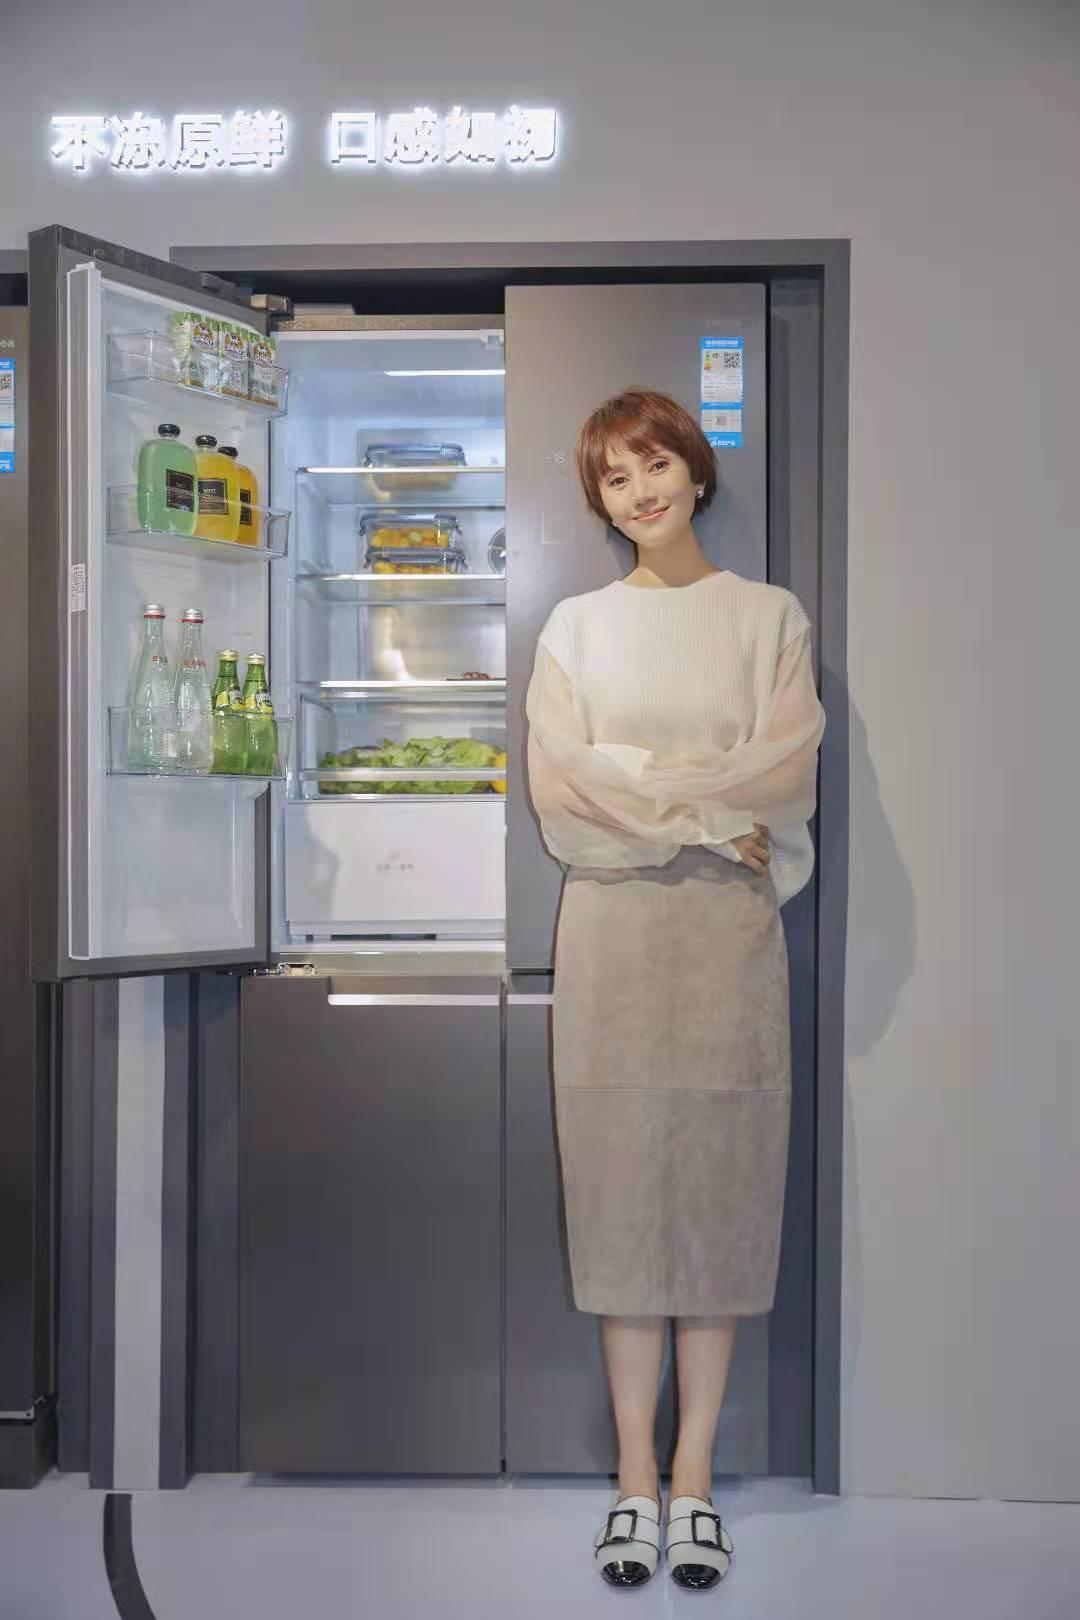 美的系冰洗多品牌矩阵联动 重构健康洗护与食链保鲜科技化场景